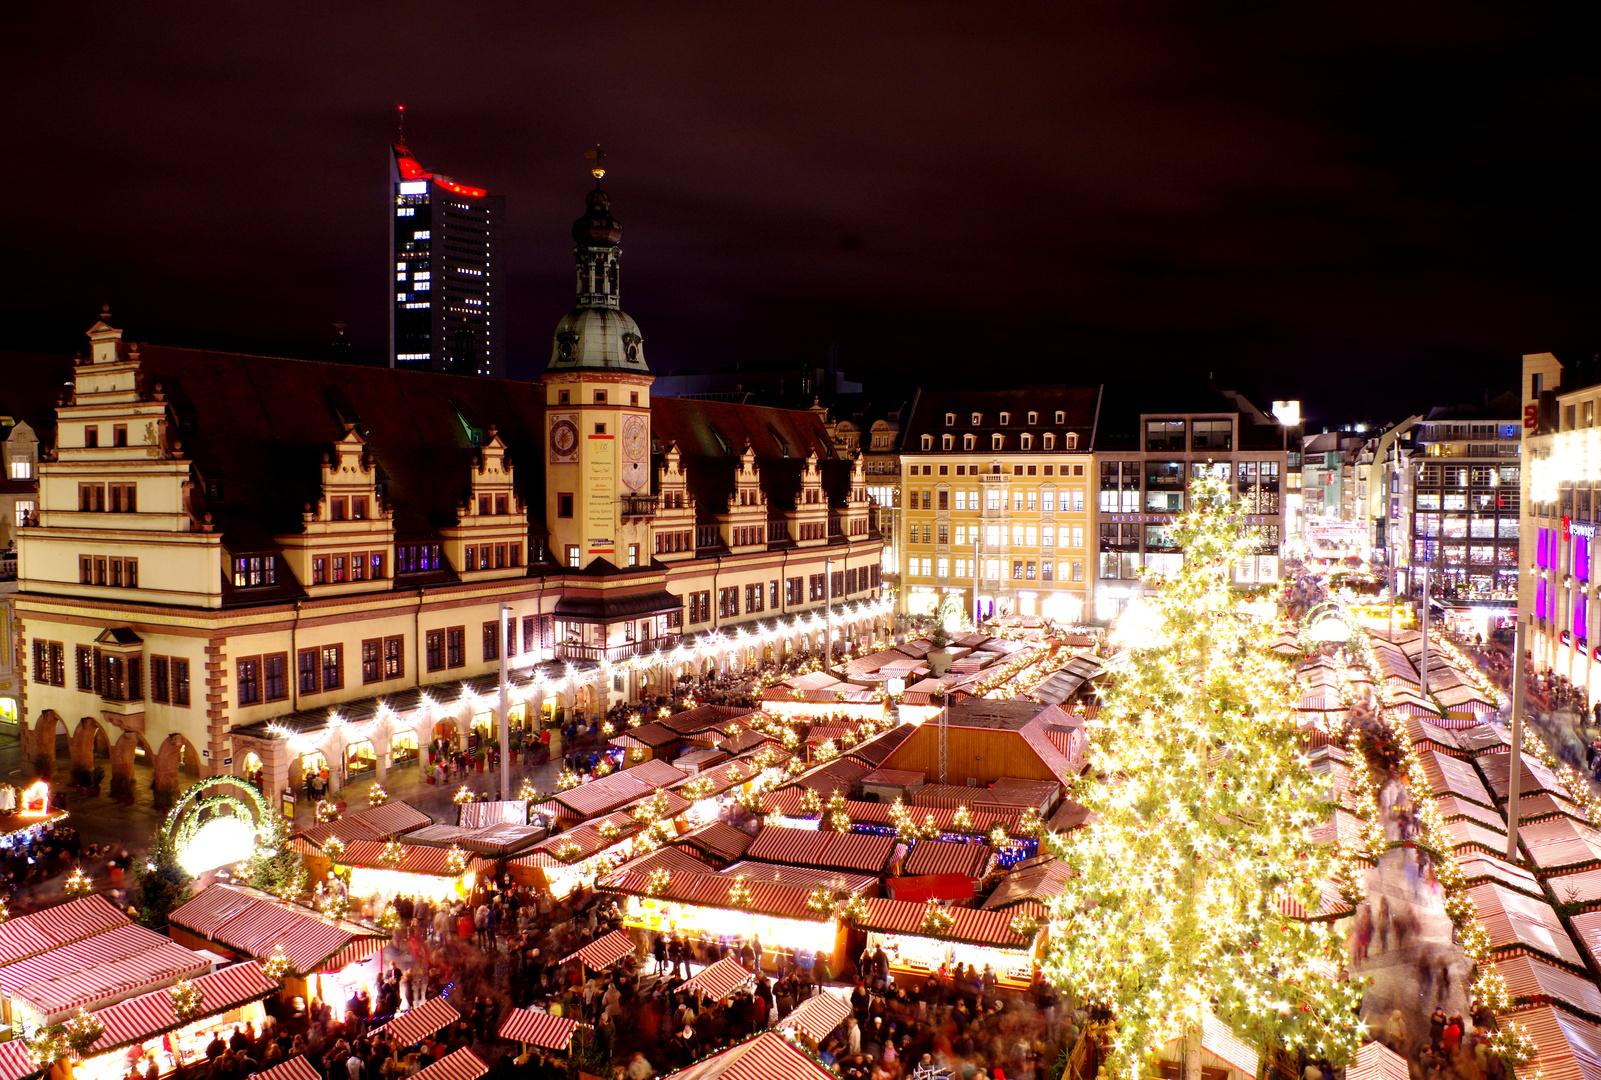 leipziger weihnachtsmarkt foto bild deutschland europe sachsen bilder auf fotocommunity. Black Bedroom Furniture Sets. Home Design Ideas